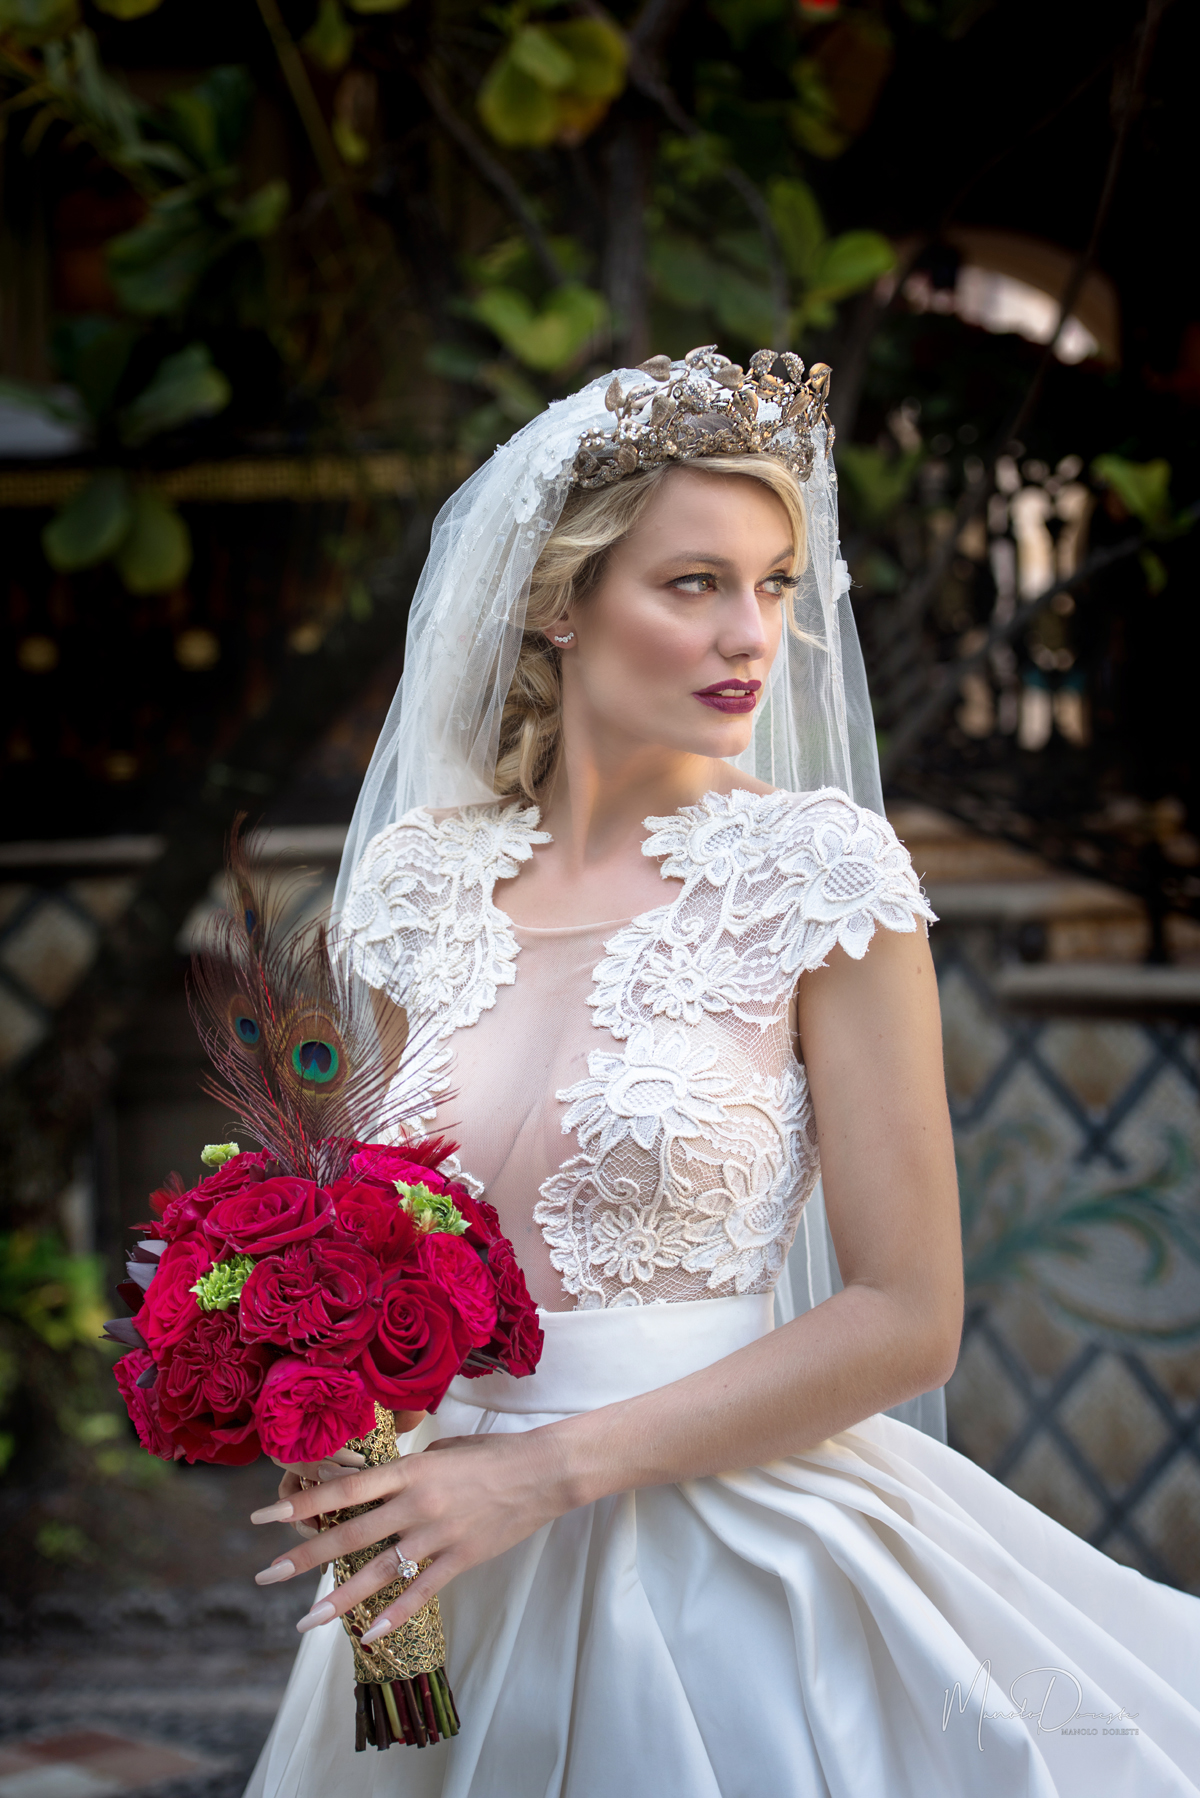 versace-mansion-wedding-manolo-doreste-14.jpg